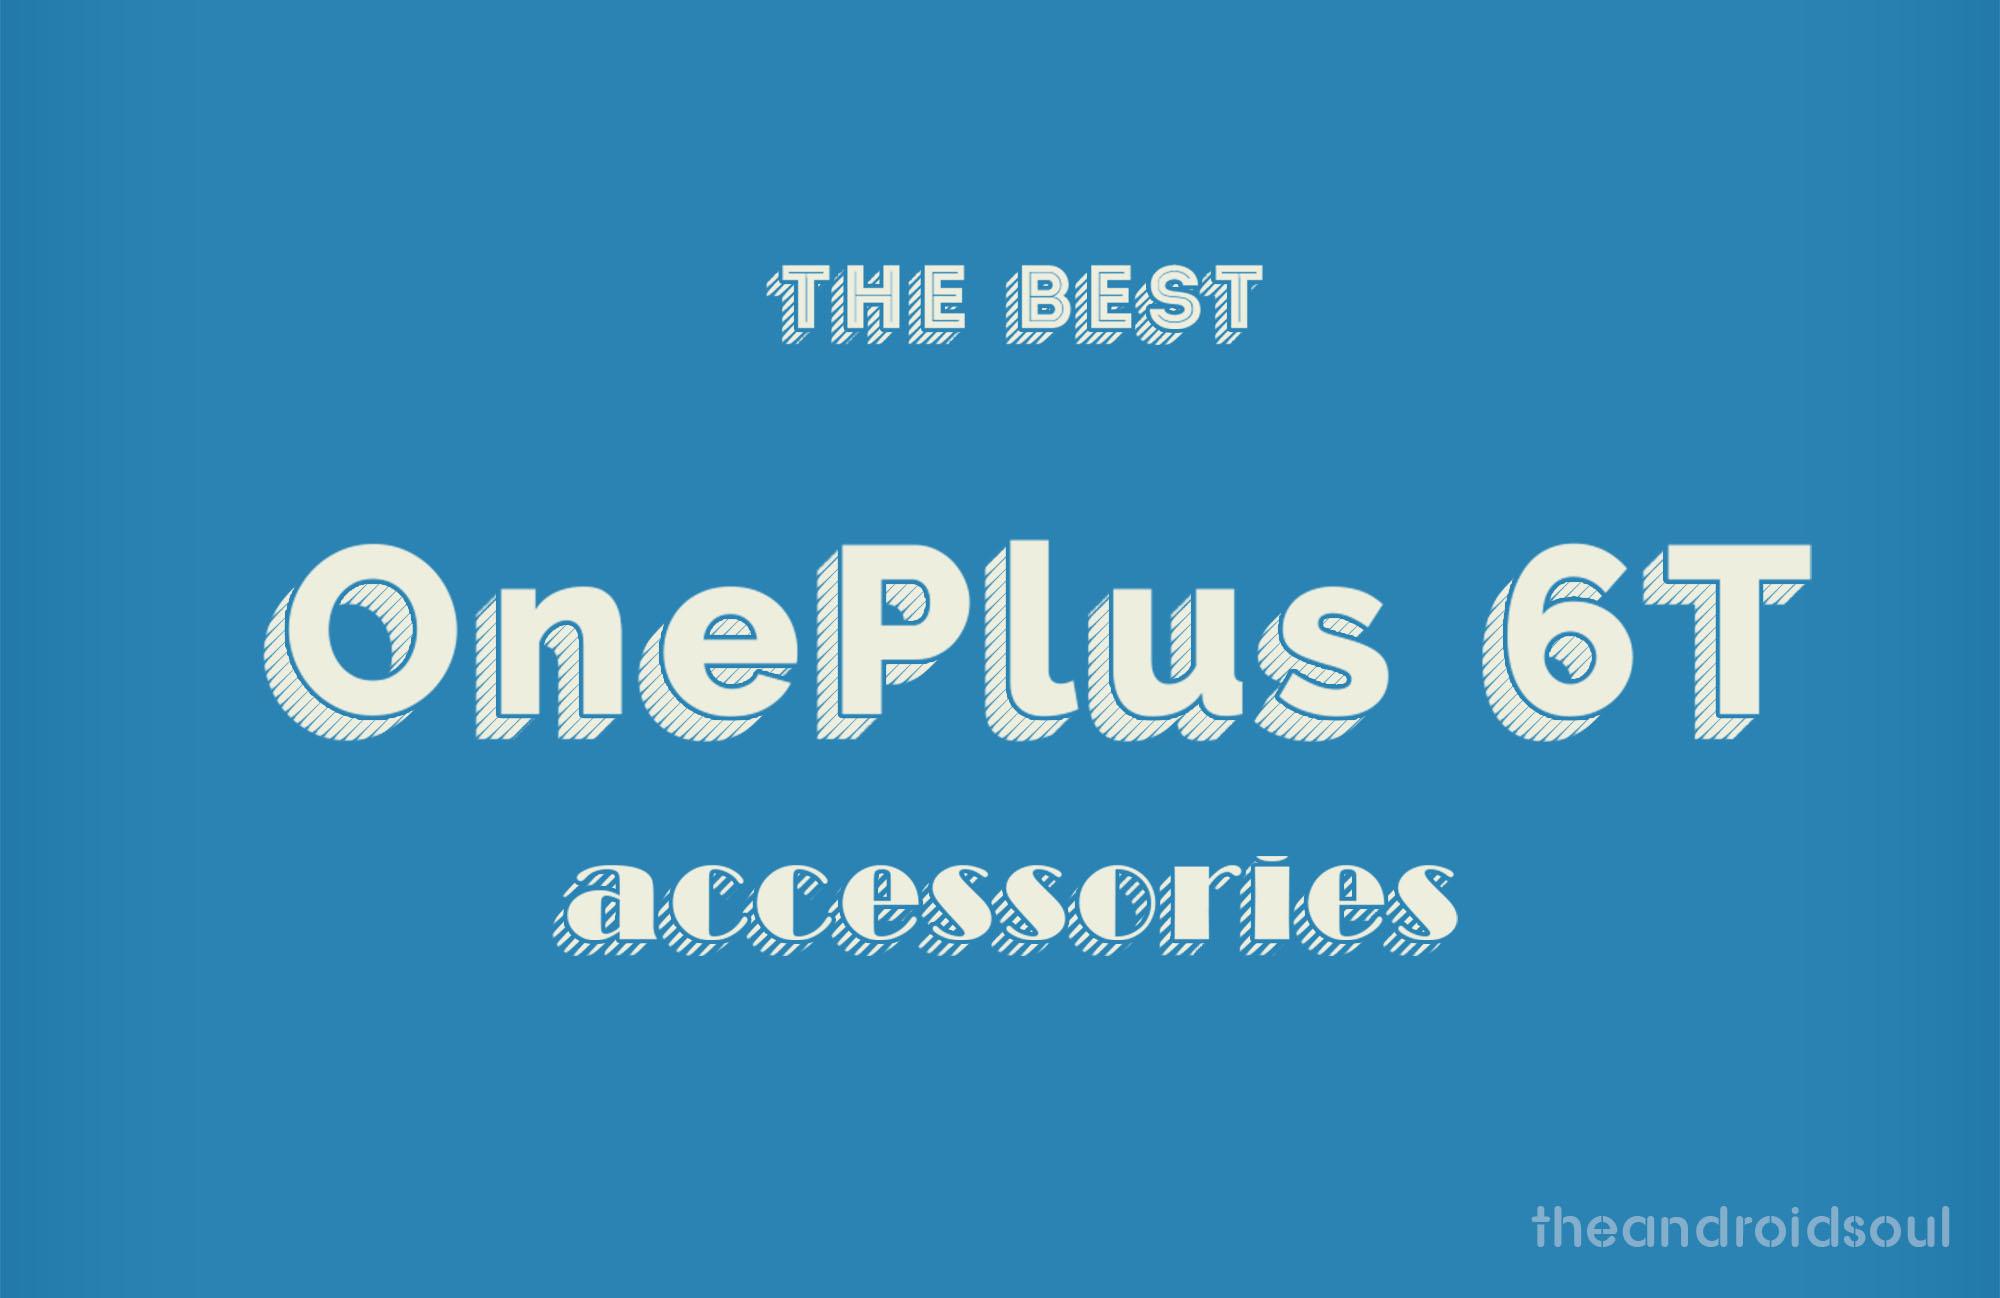 Best OnePlus 6T accessories